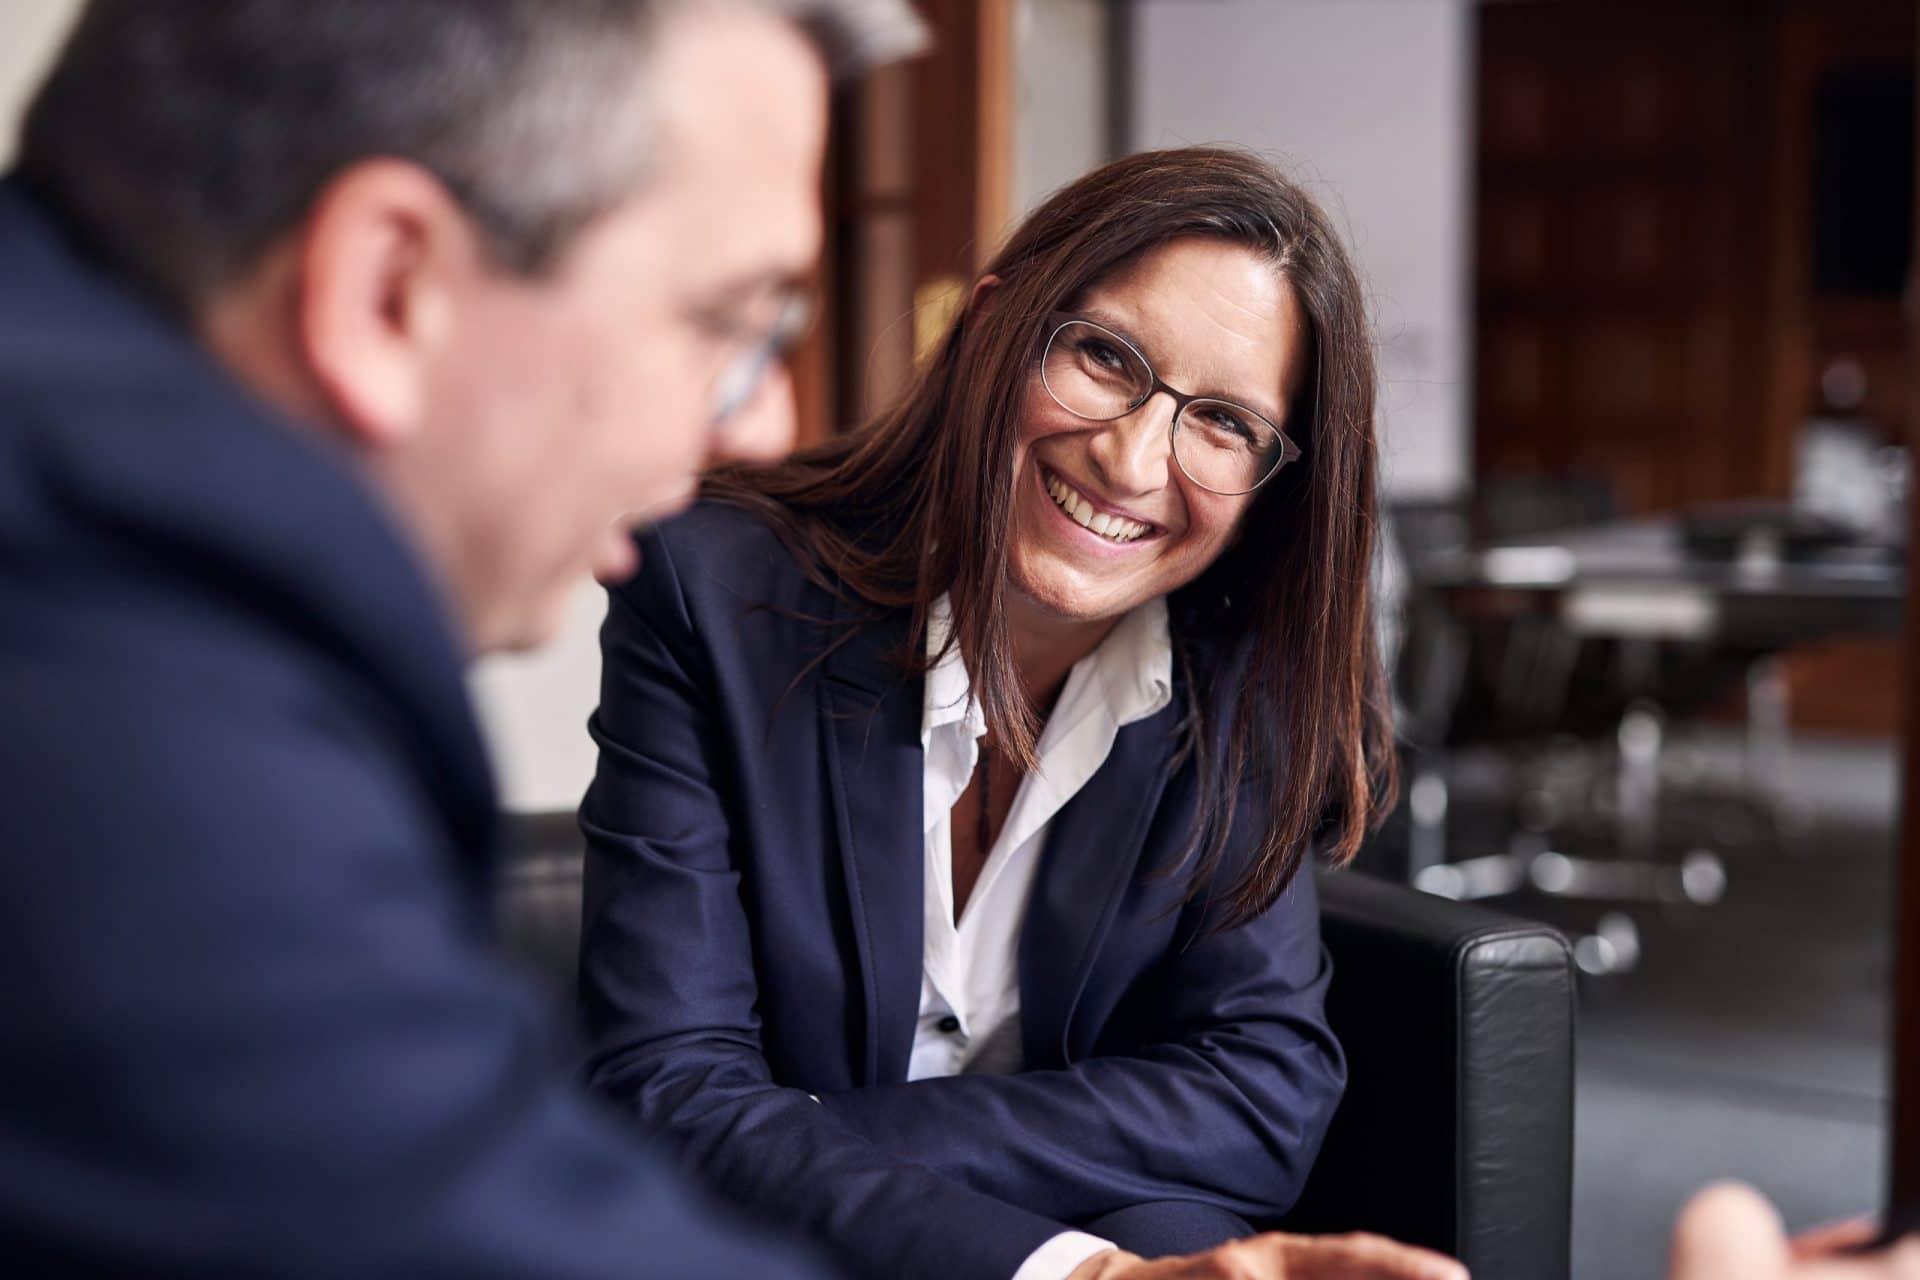 Eine Frau und ein Mann sitzen nach vorne gebeugt auf Sesseln. Der Mann blickt vor sich nach unten auf sein Mobiltelefon und die Frau lacht freundlich in seine Richtung.